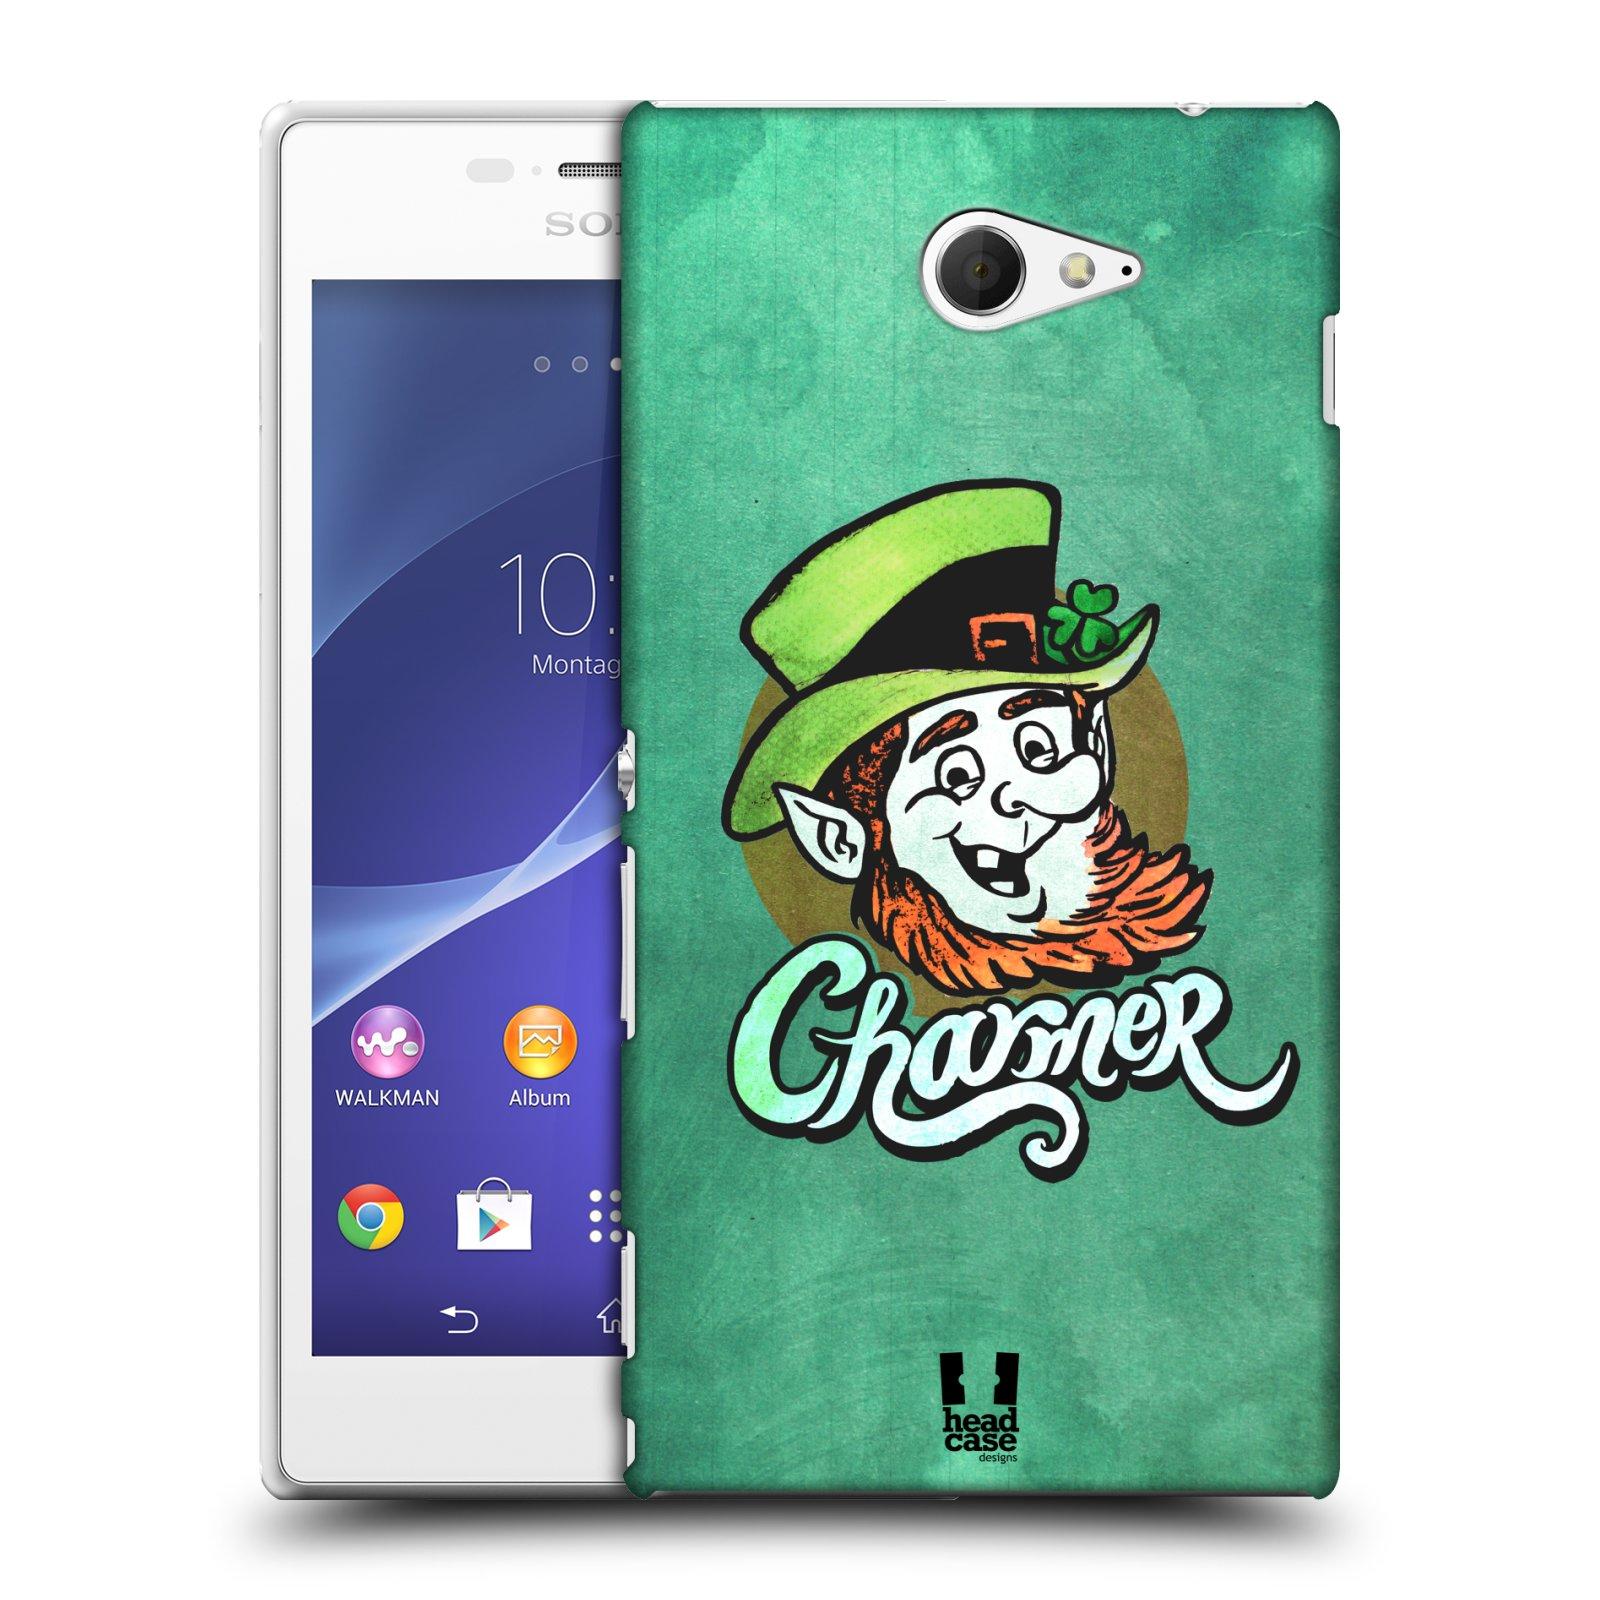 Plastové pouzdro na mobil Sony Xperia M2 D2303 HEAD CASE CHARMER (Kryt či obal na mobilní telefon Sony Xperia M2 )